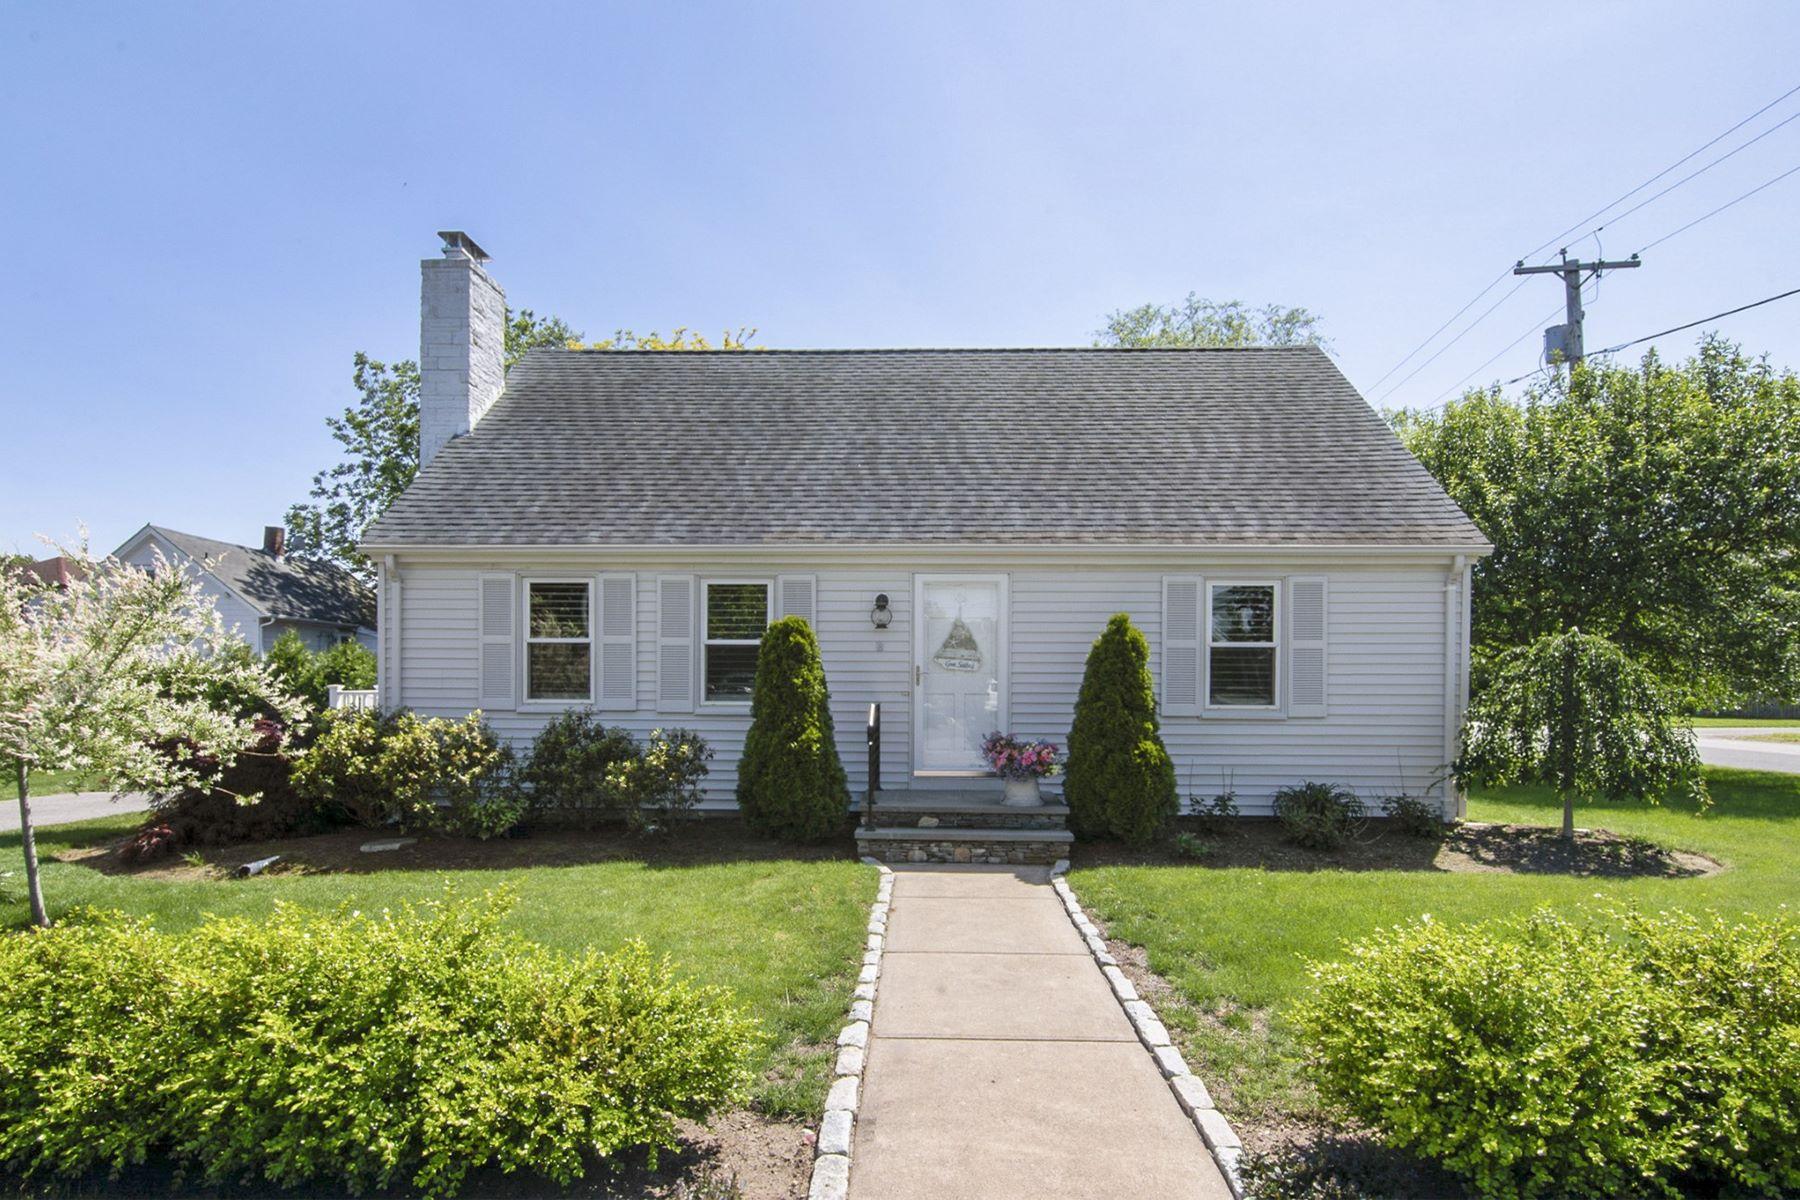 Single Family Homes για την Πώληση στο 18 Fourth Av., East Greenwich, RI East Greenwich, Ροουντ Αϊλαντ 02818 Ηνωμένες Πολιτείες